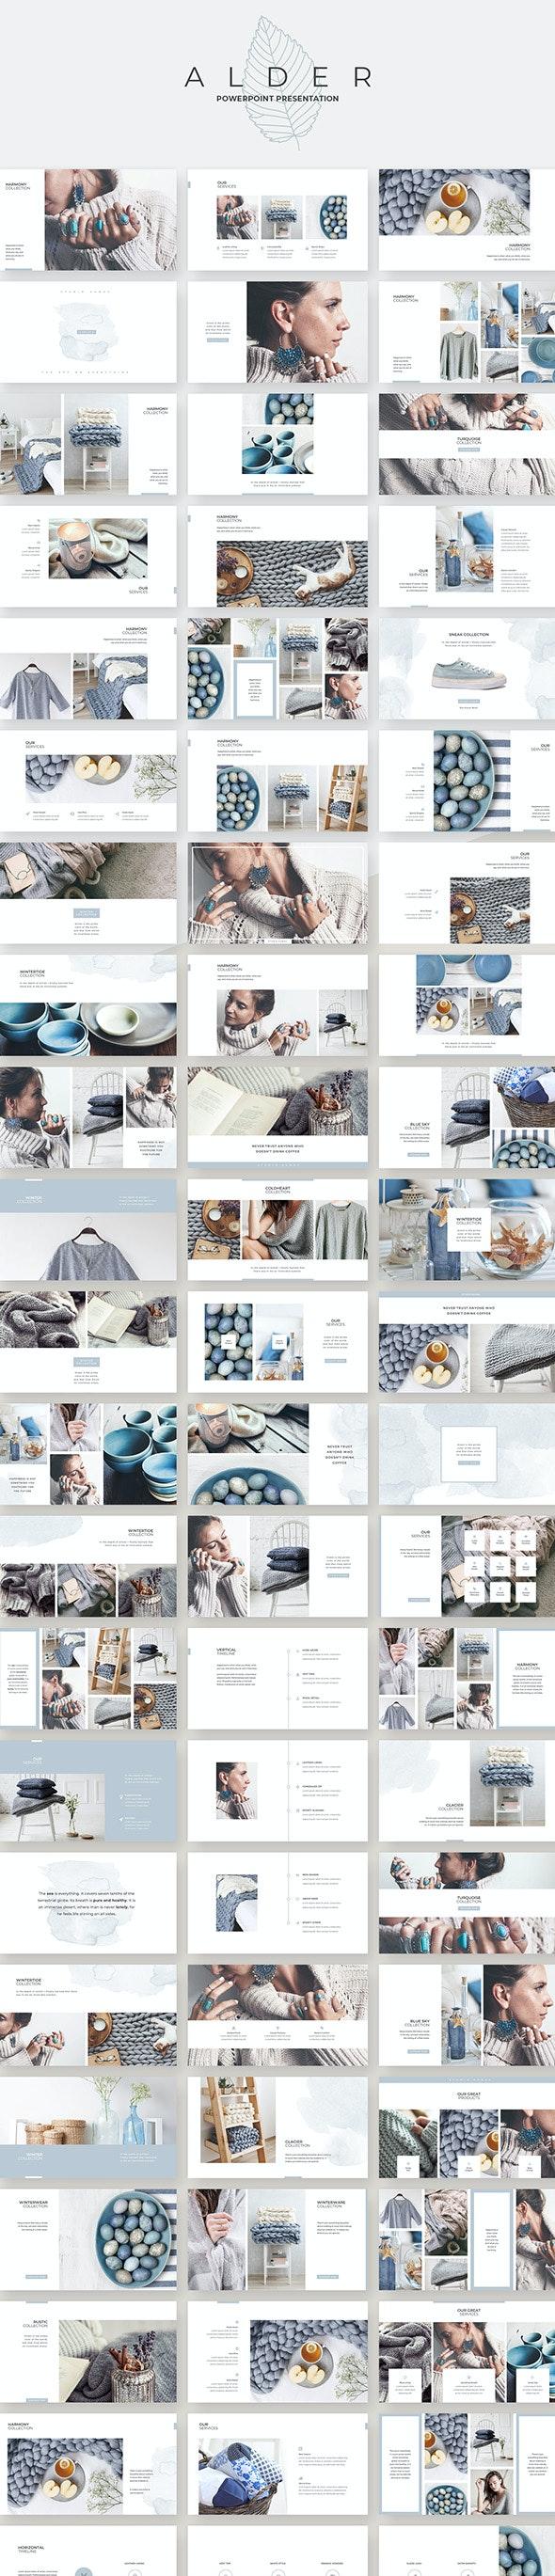 Alder PowerPoint Presentation - Creative PowerPoint Templates